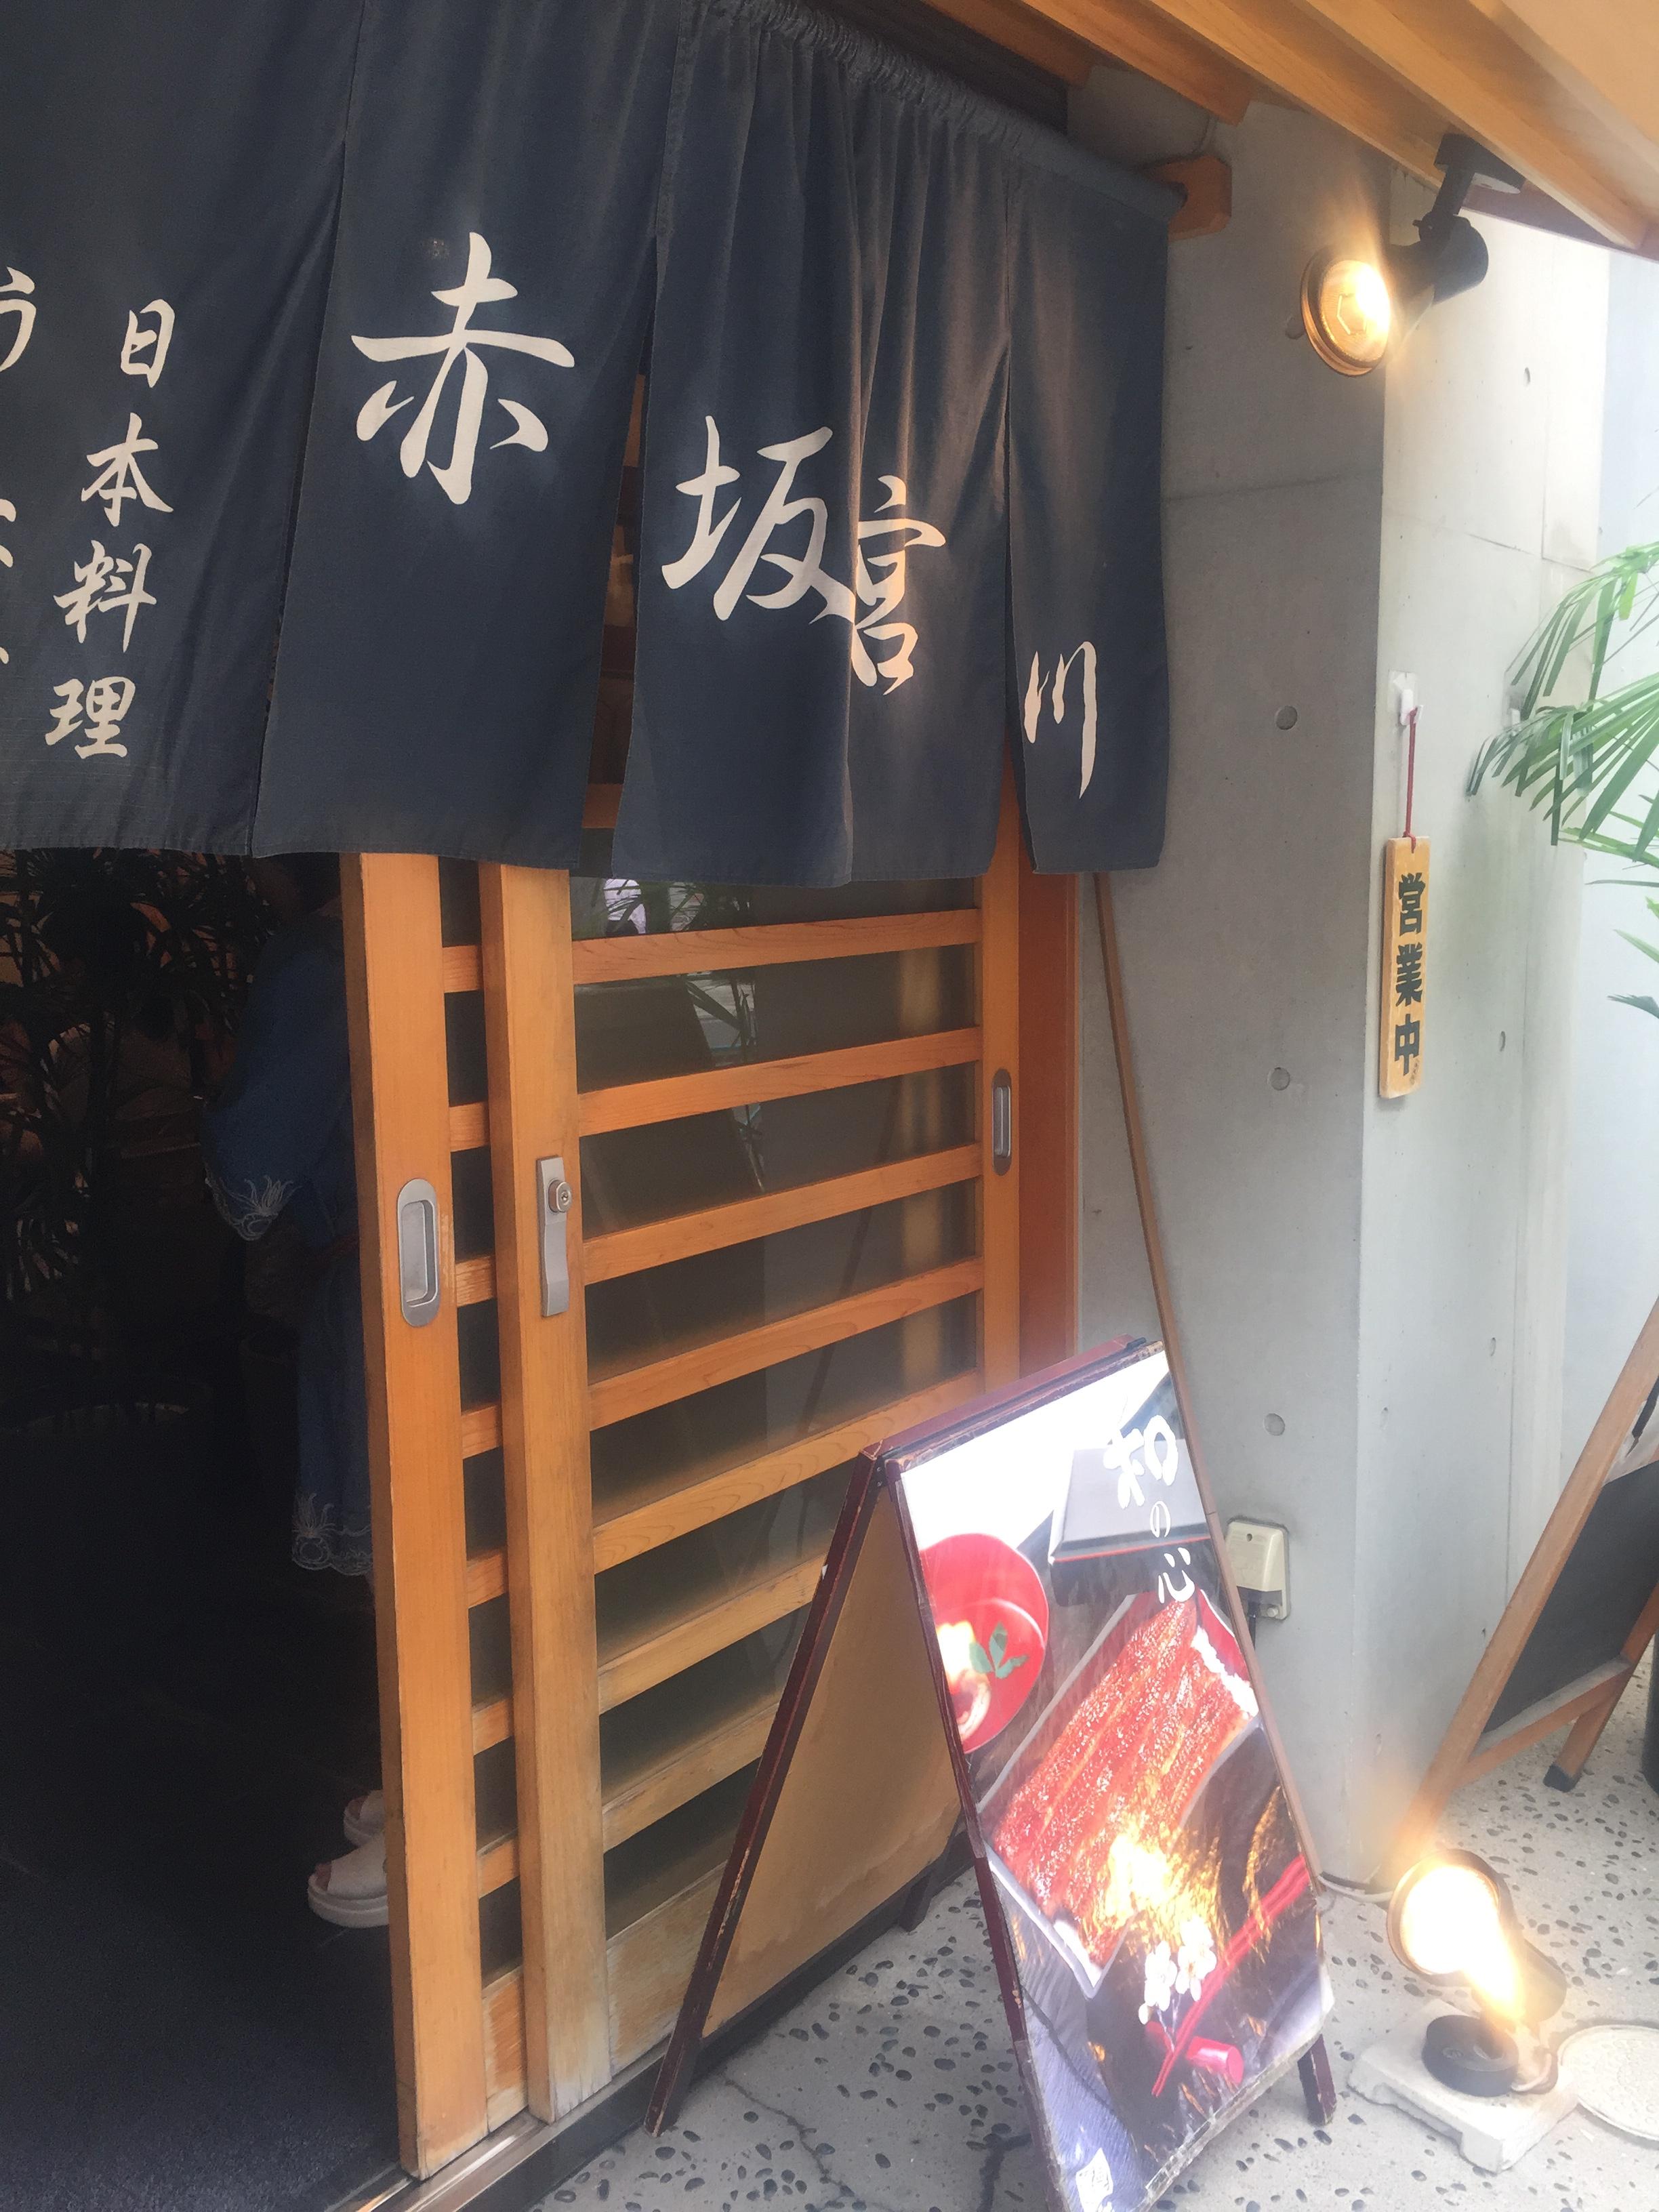 鰻で夏を乗り切る♪七十年余り続く赤坂の宮川さん